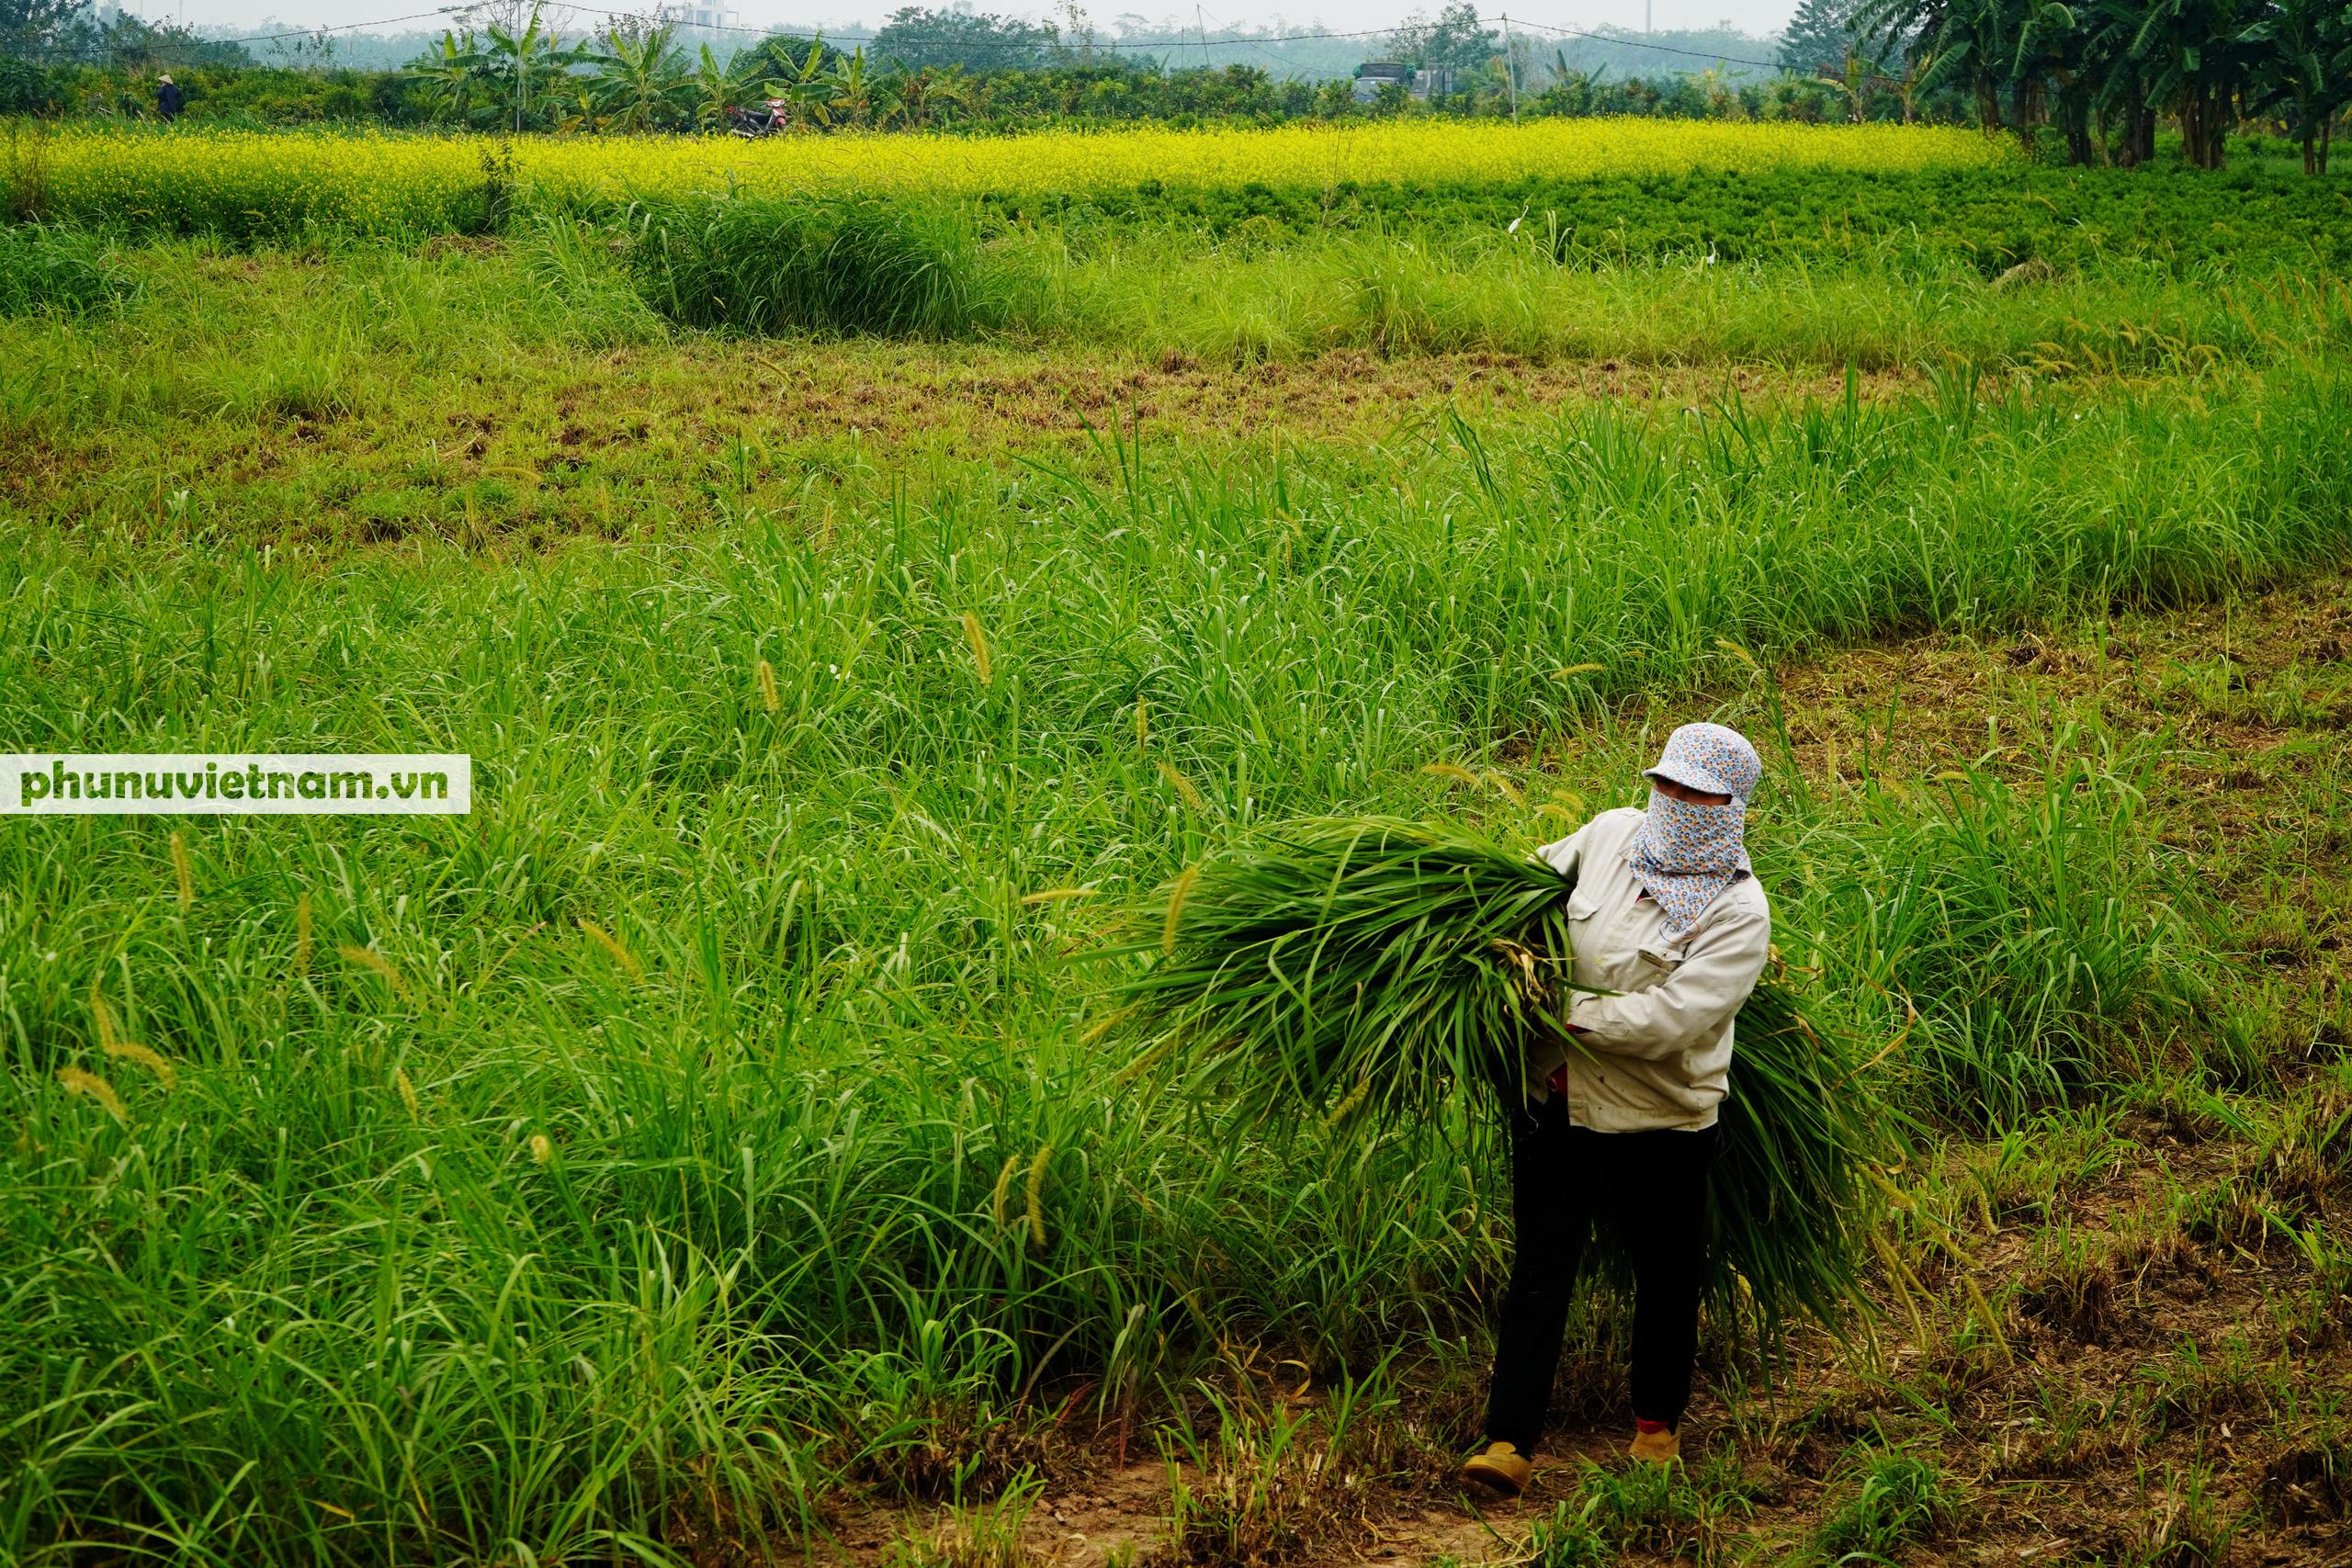 Thiếu nữ áo trắng đẹp hút lòng người trên cánh đồng hoa cải vàng ở Chi Đông - Ảnh 15.